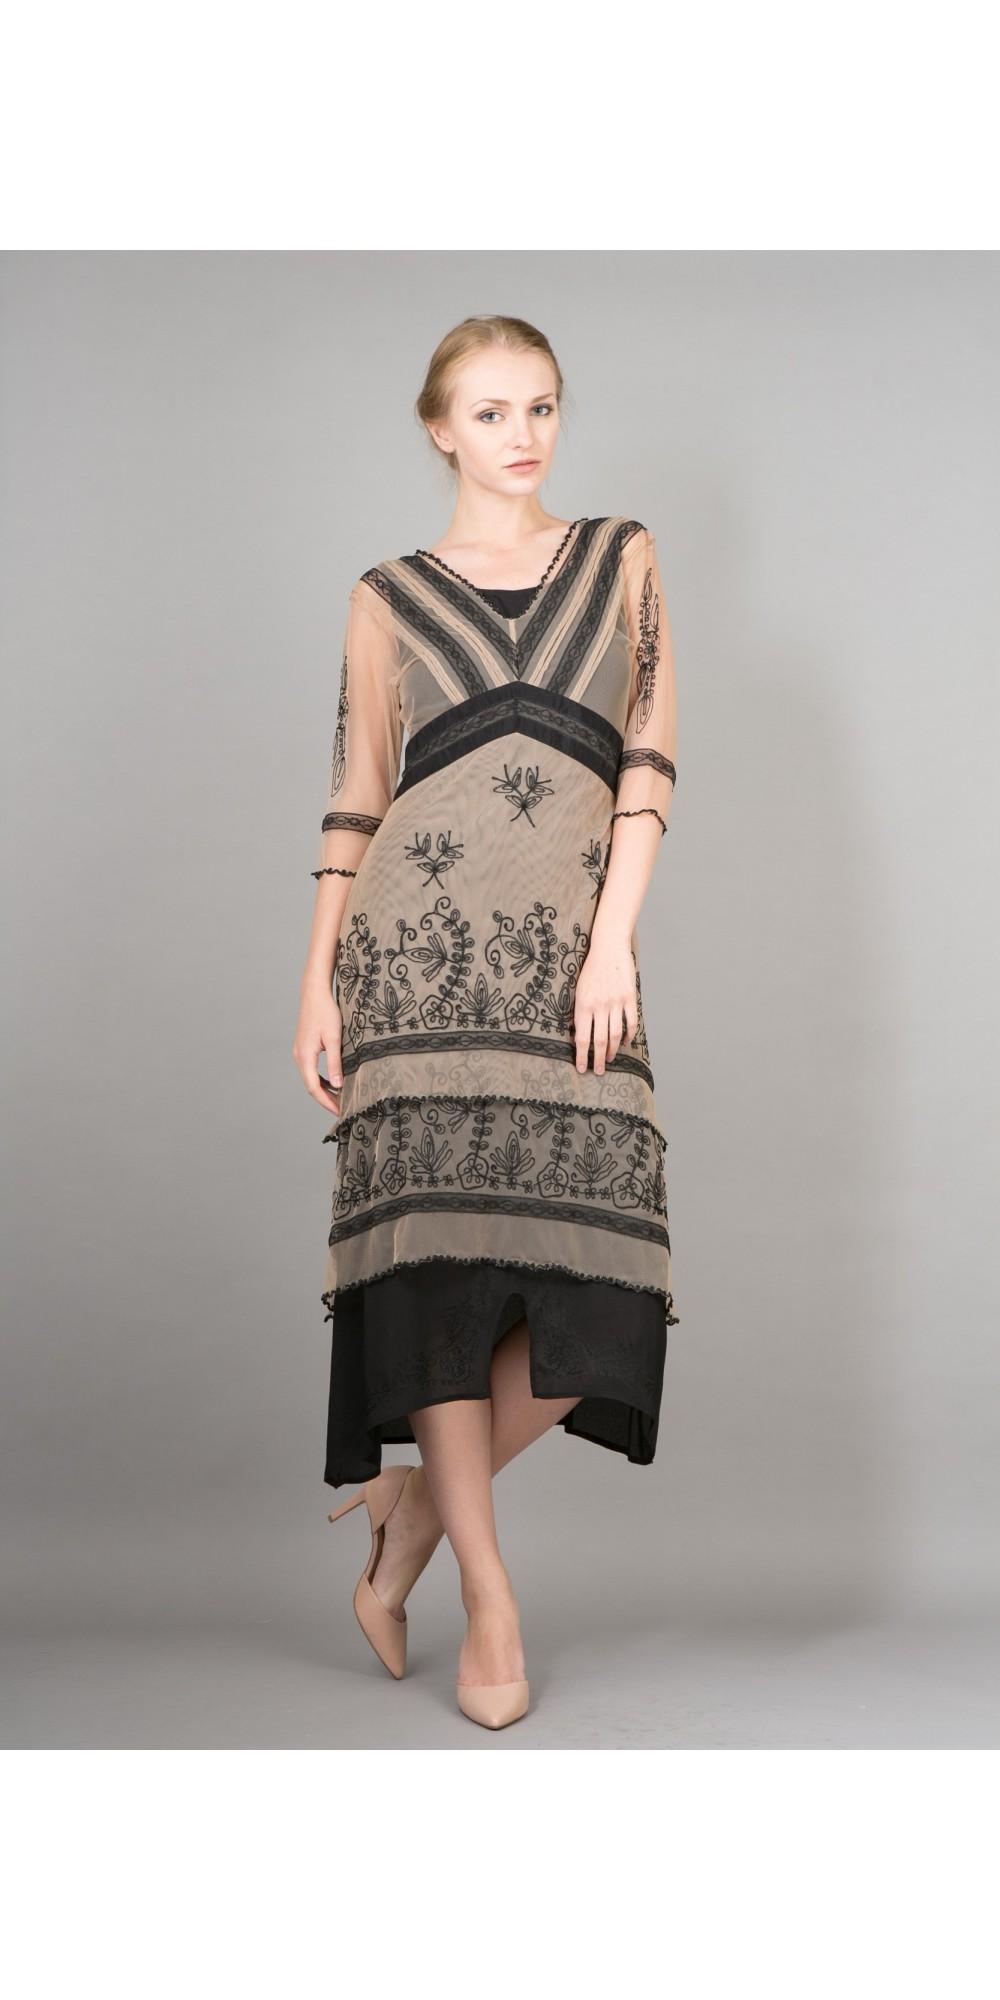 Plus size 1920 dresses